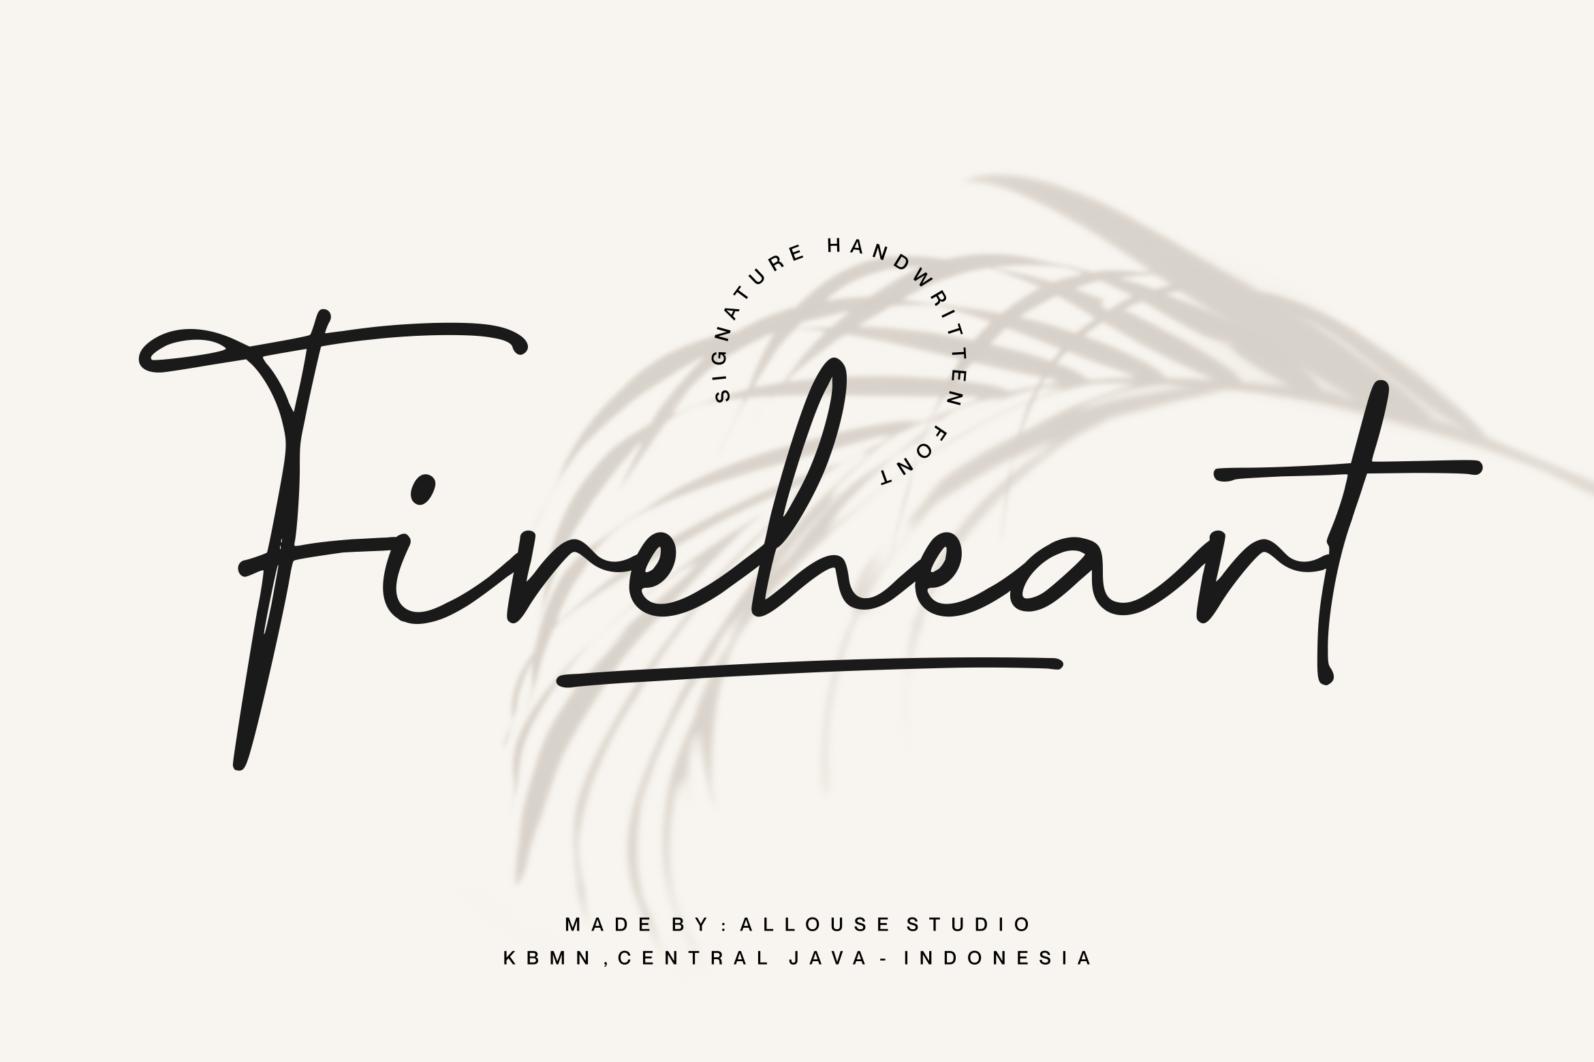 Fireheart Font - 1 2 -